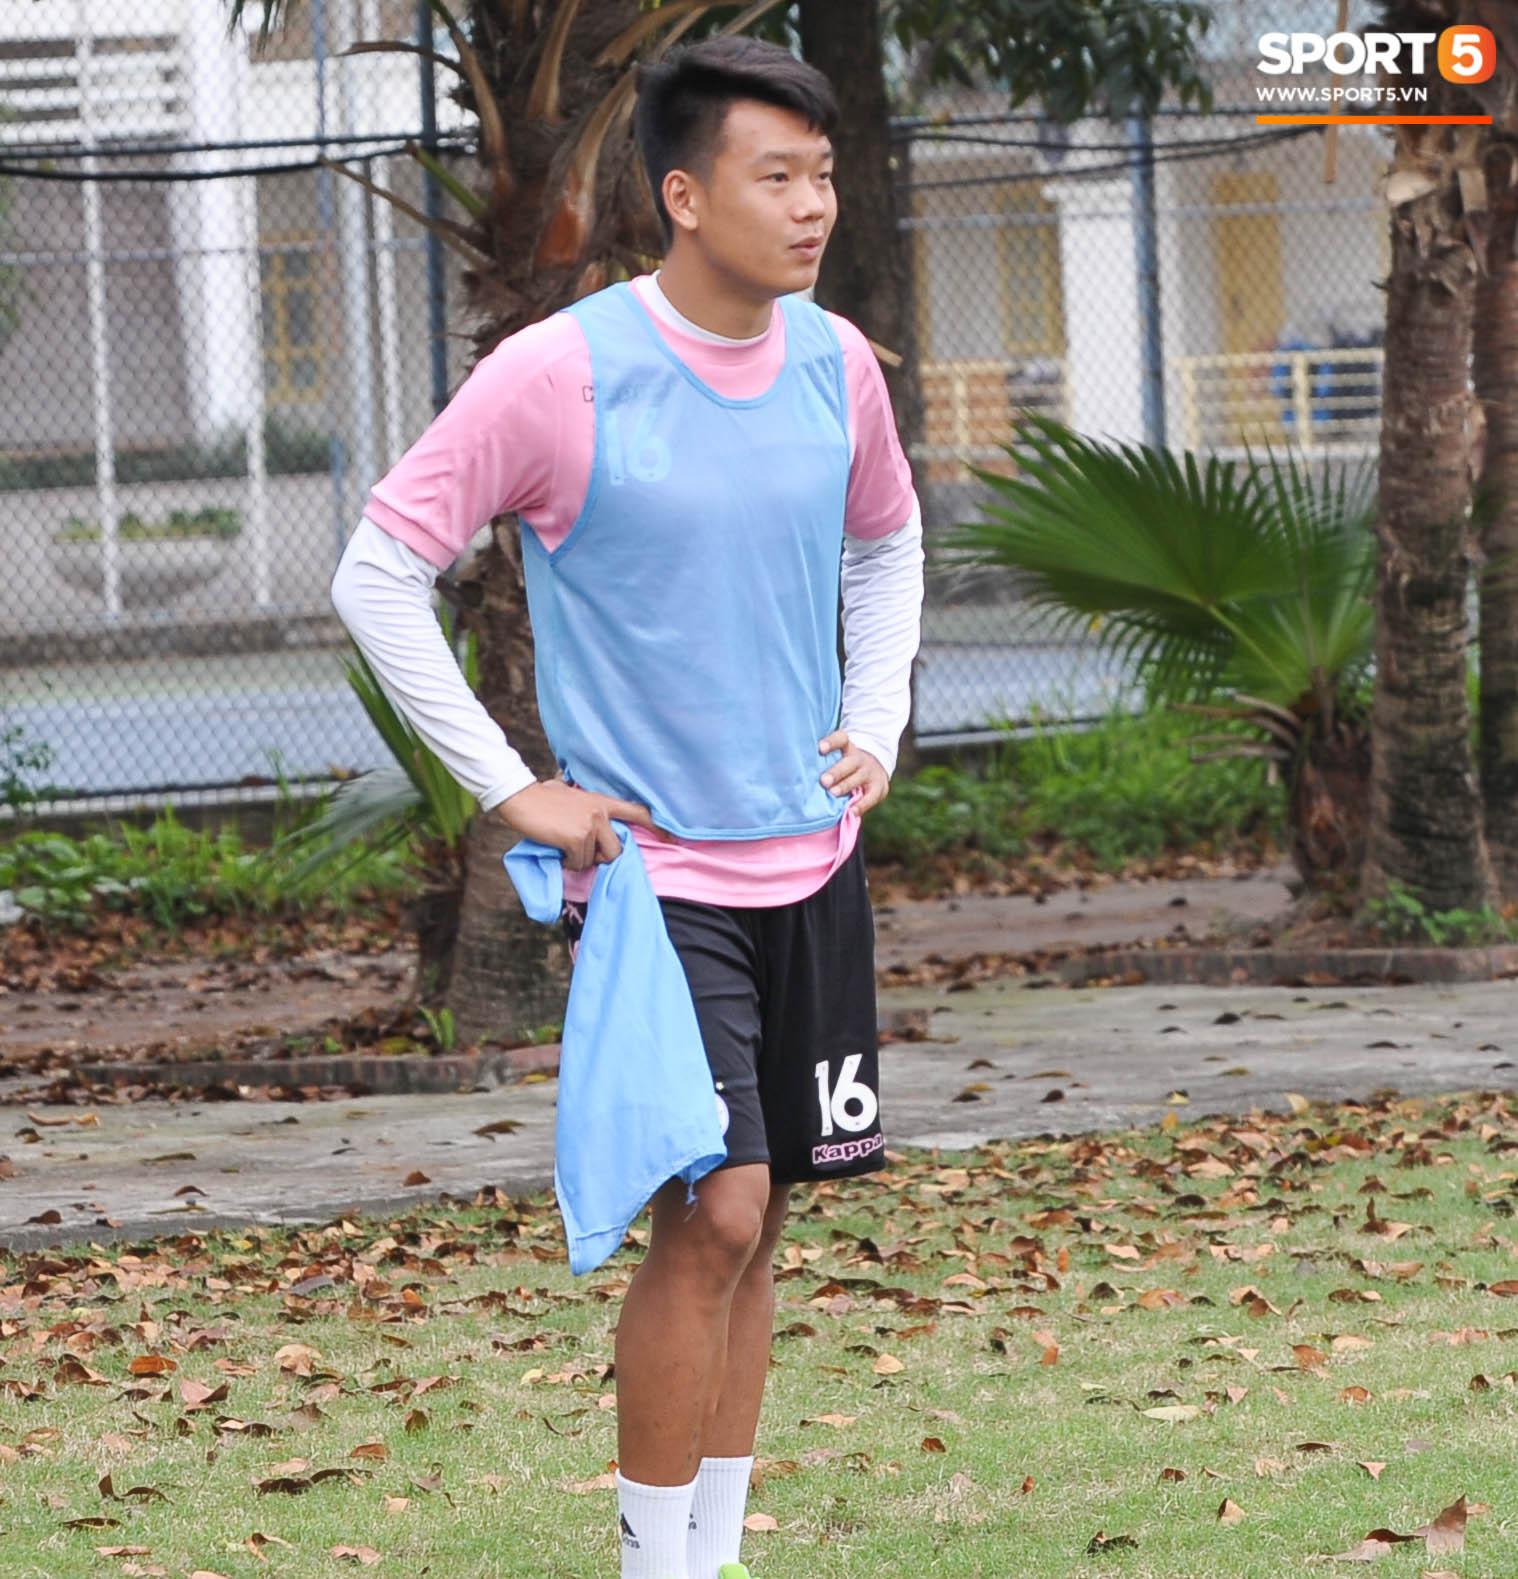 Thành Chung bịt kín mặt, hóa trọng tài biên bất đắc dĩ trong buổi tập chiều 25/3 của Hà Nội FC - Ảnh 3.